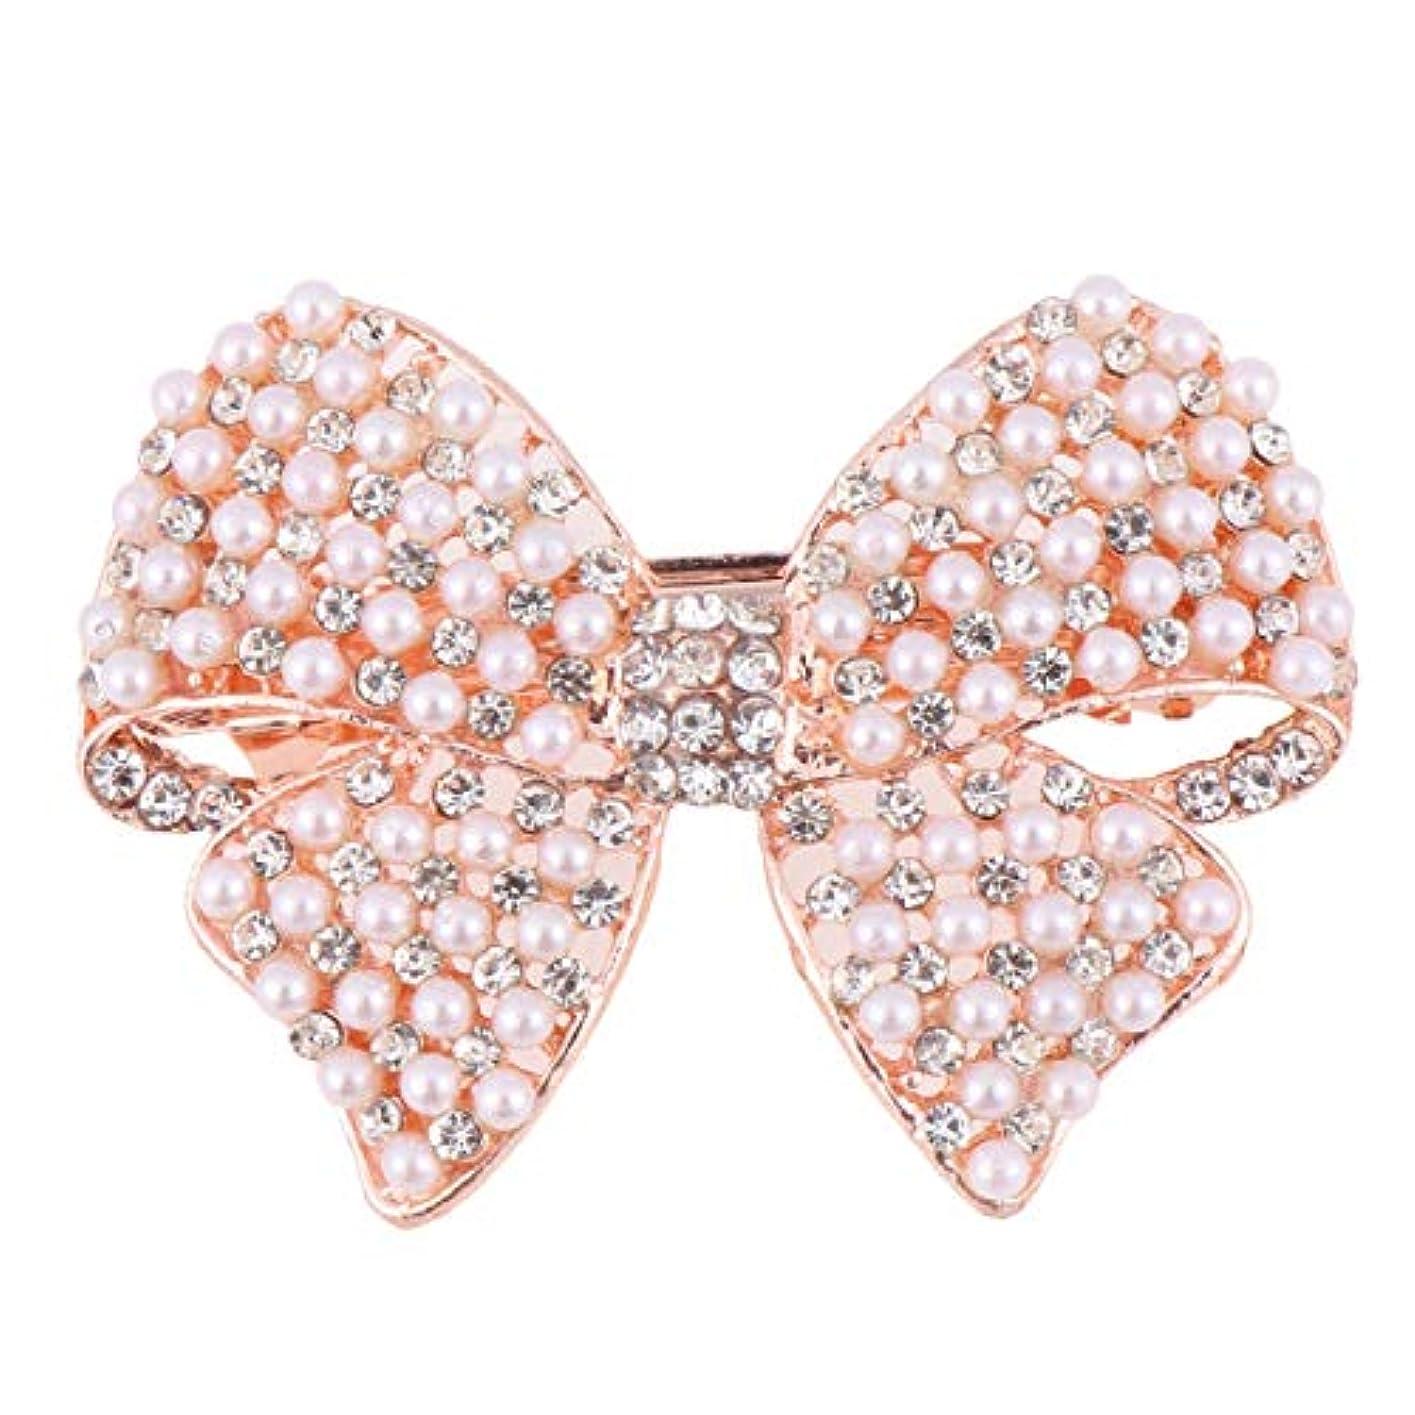 まつげ距離インゲンBeaupretty 女性のための真珠の弓のヘアクリップラインストーンヘアピンヘッドドレスバレッタちょう結び